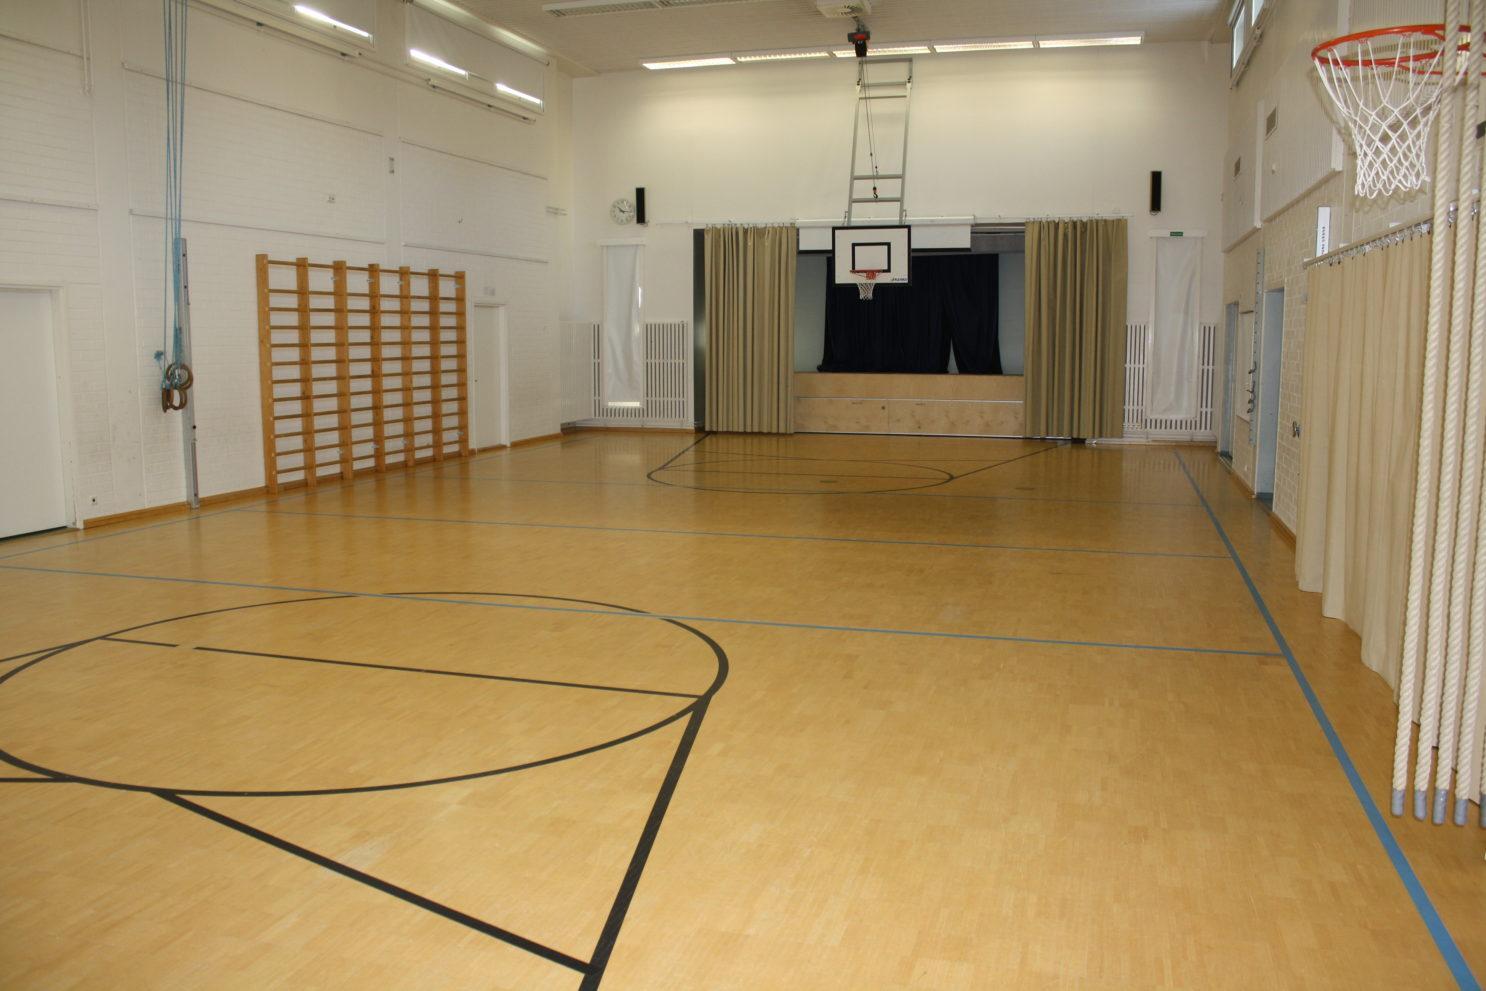 Uotilan koulun sali